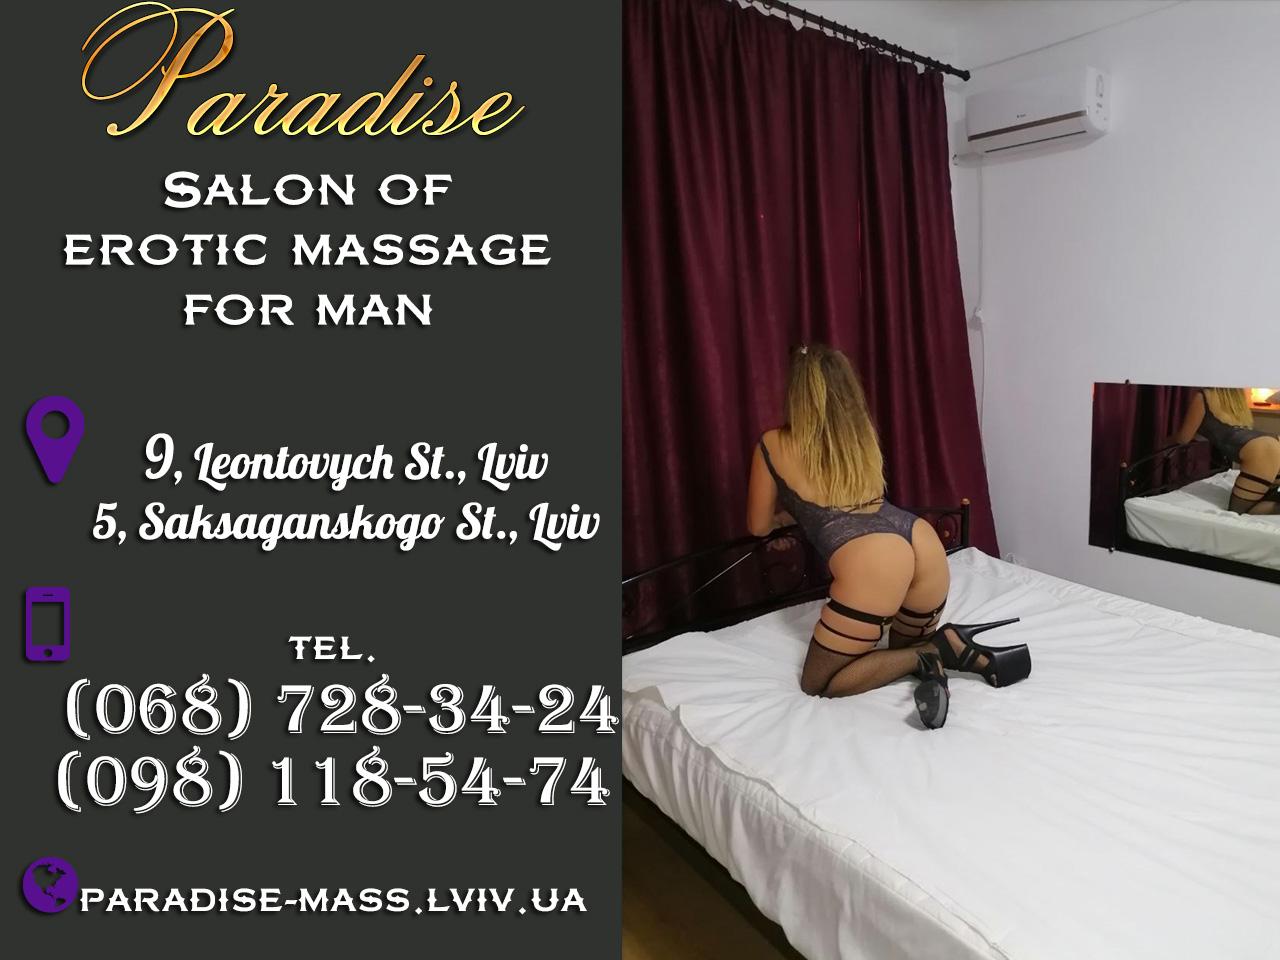 Эротический массаж и его польза для мужчин